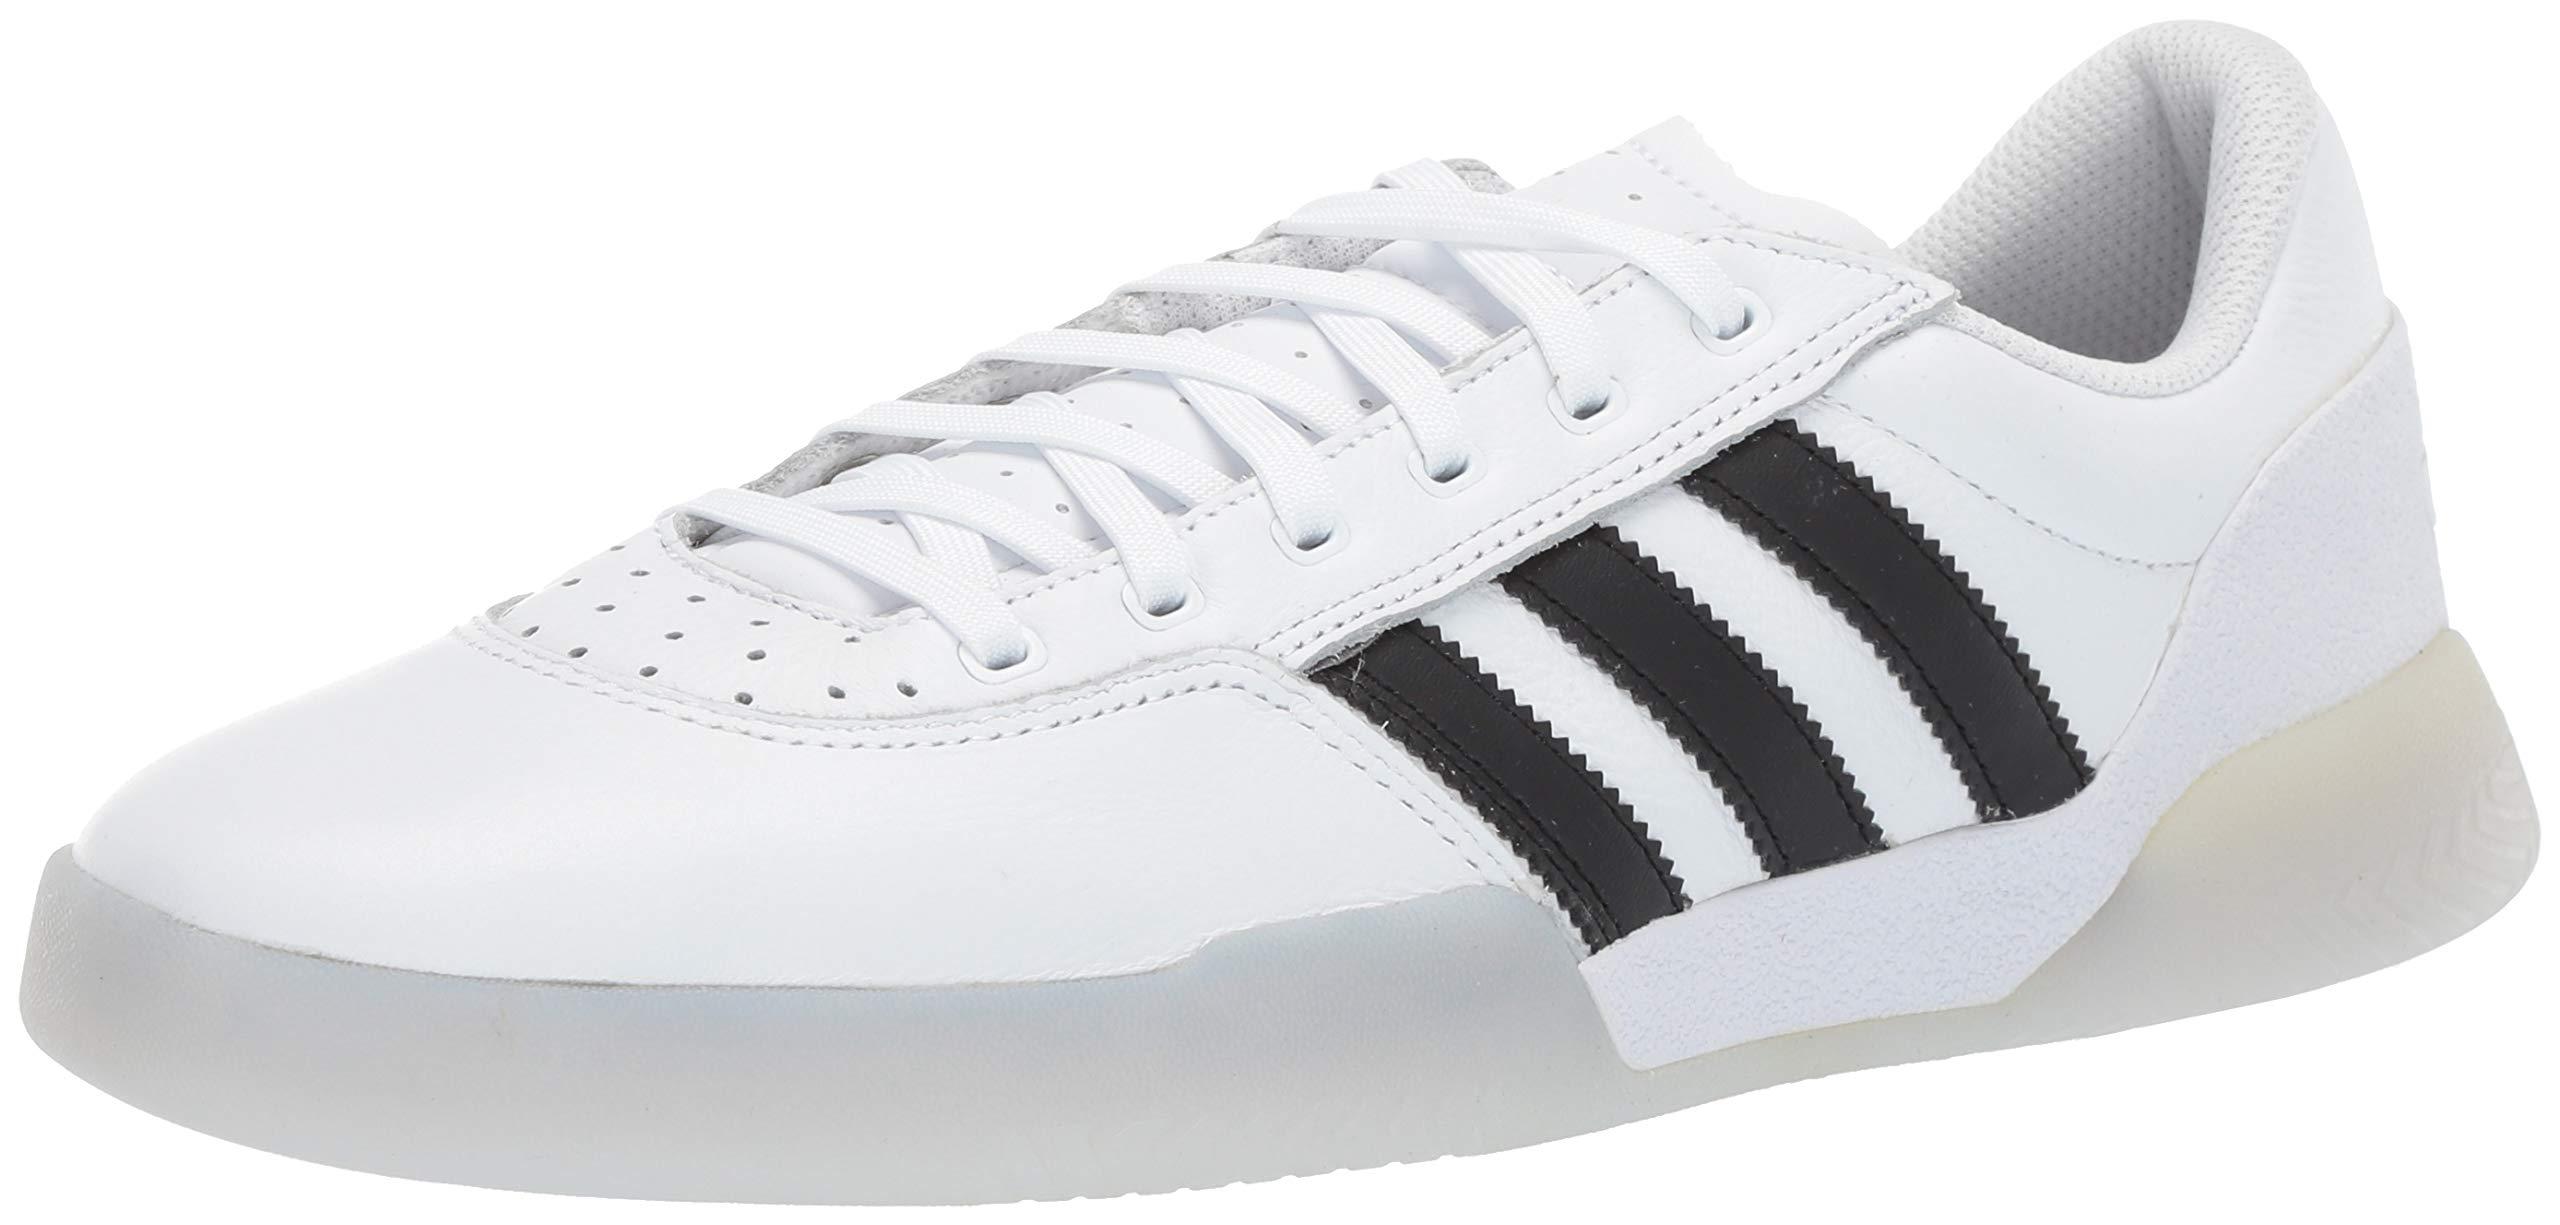 Adidas Originals Men's City Cup, White